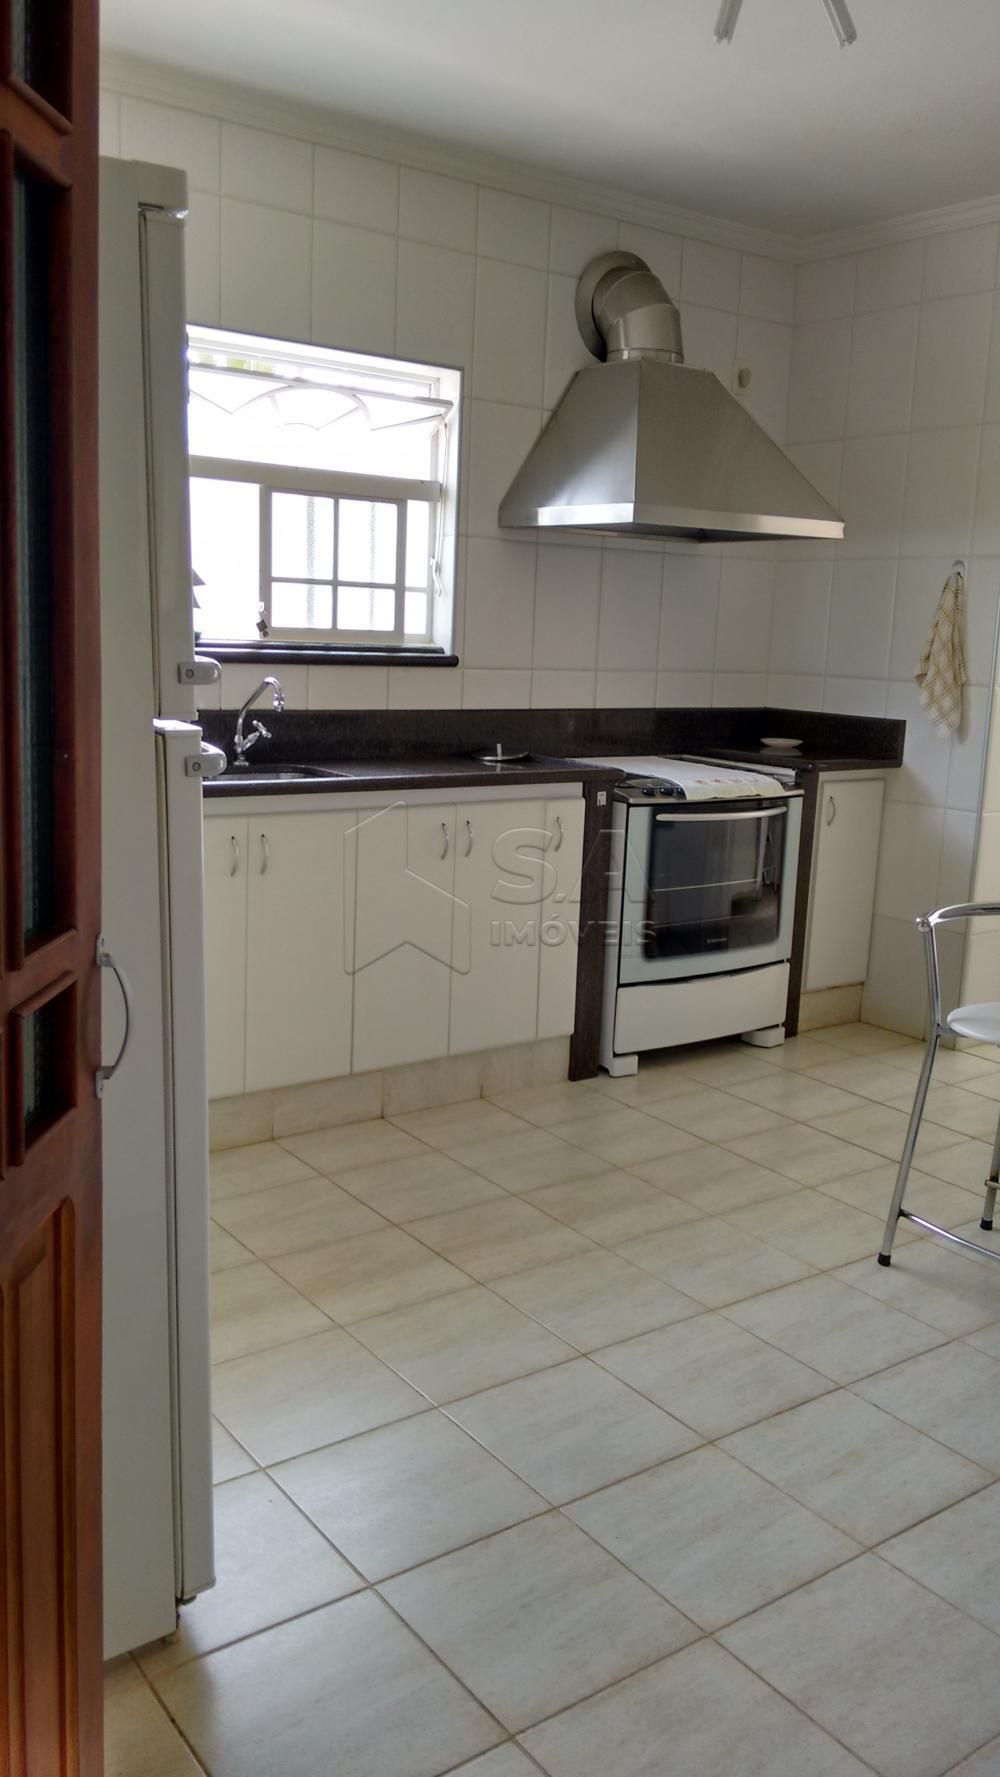 Comprar Casa / Padrão em Botucatu apenas R$ 880.000,00 - Foto 8